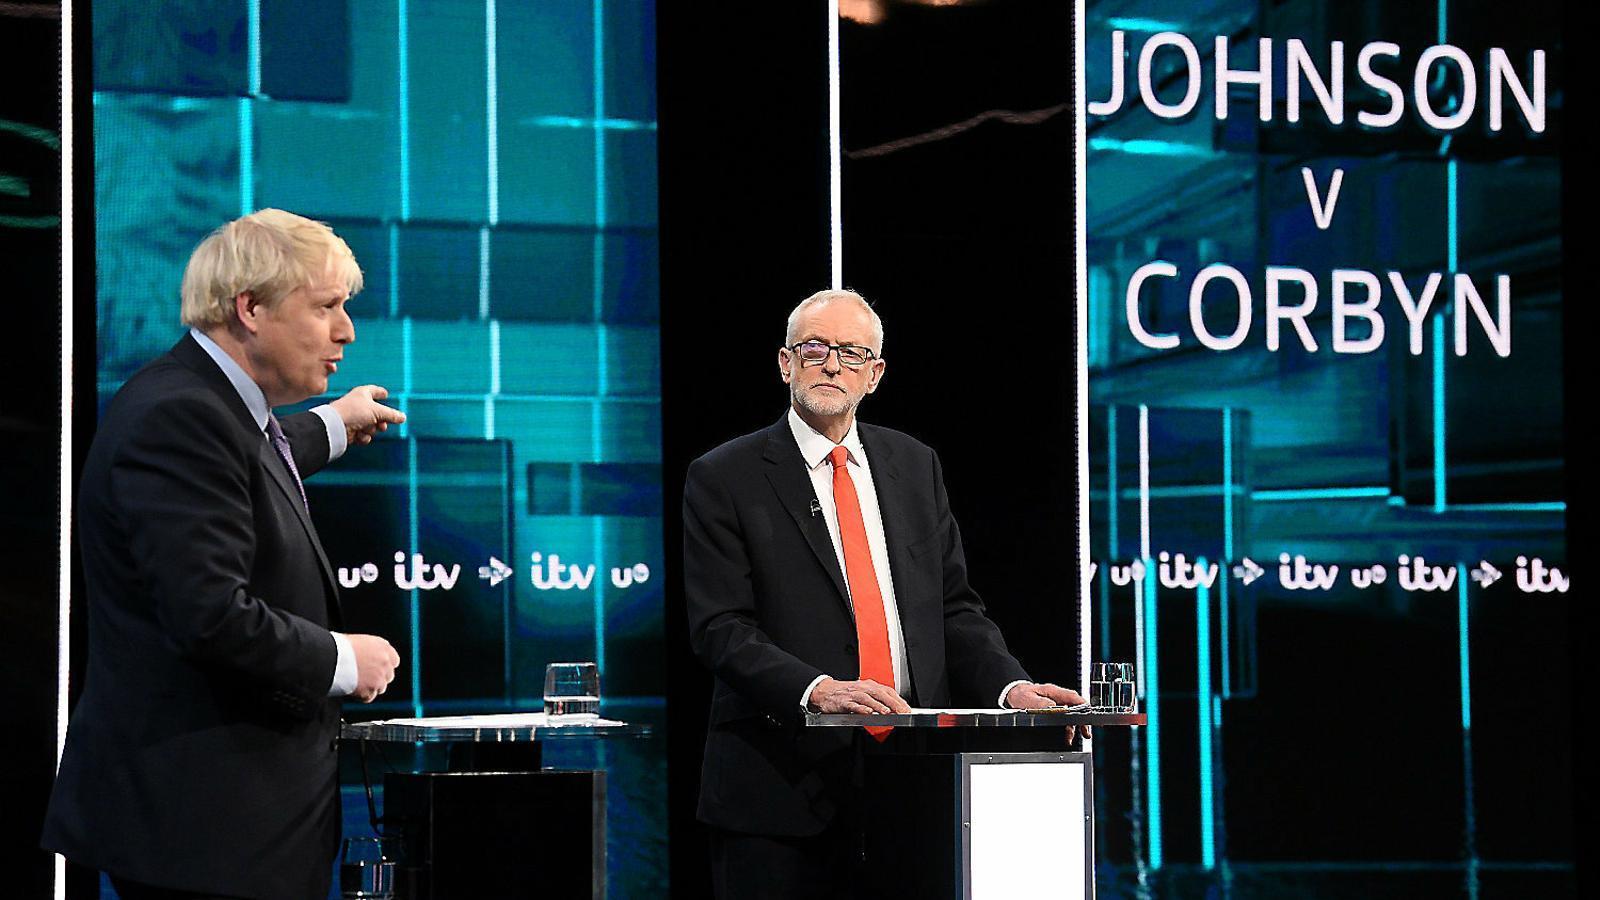 Johnson i Corbyn debaten sobre les seves mancances